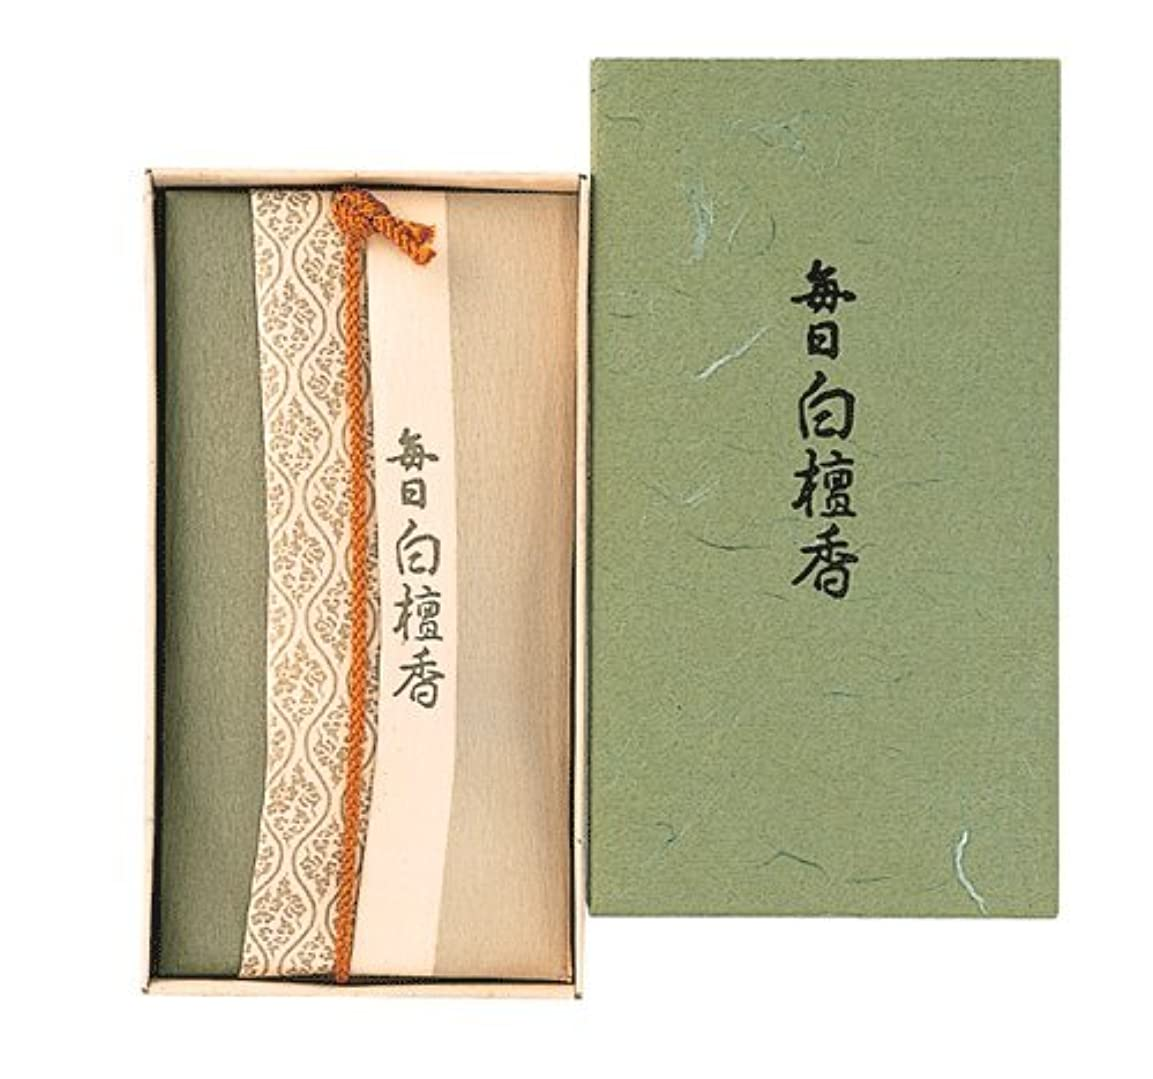 宇宙タイプ苦い香木の香りのお香 毎日白檀香 コーン24個入【お香】